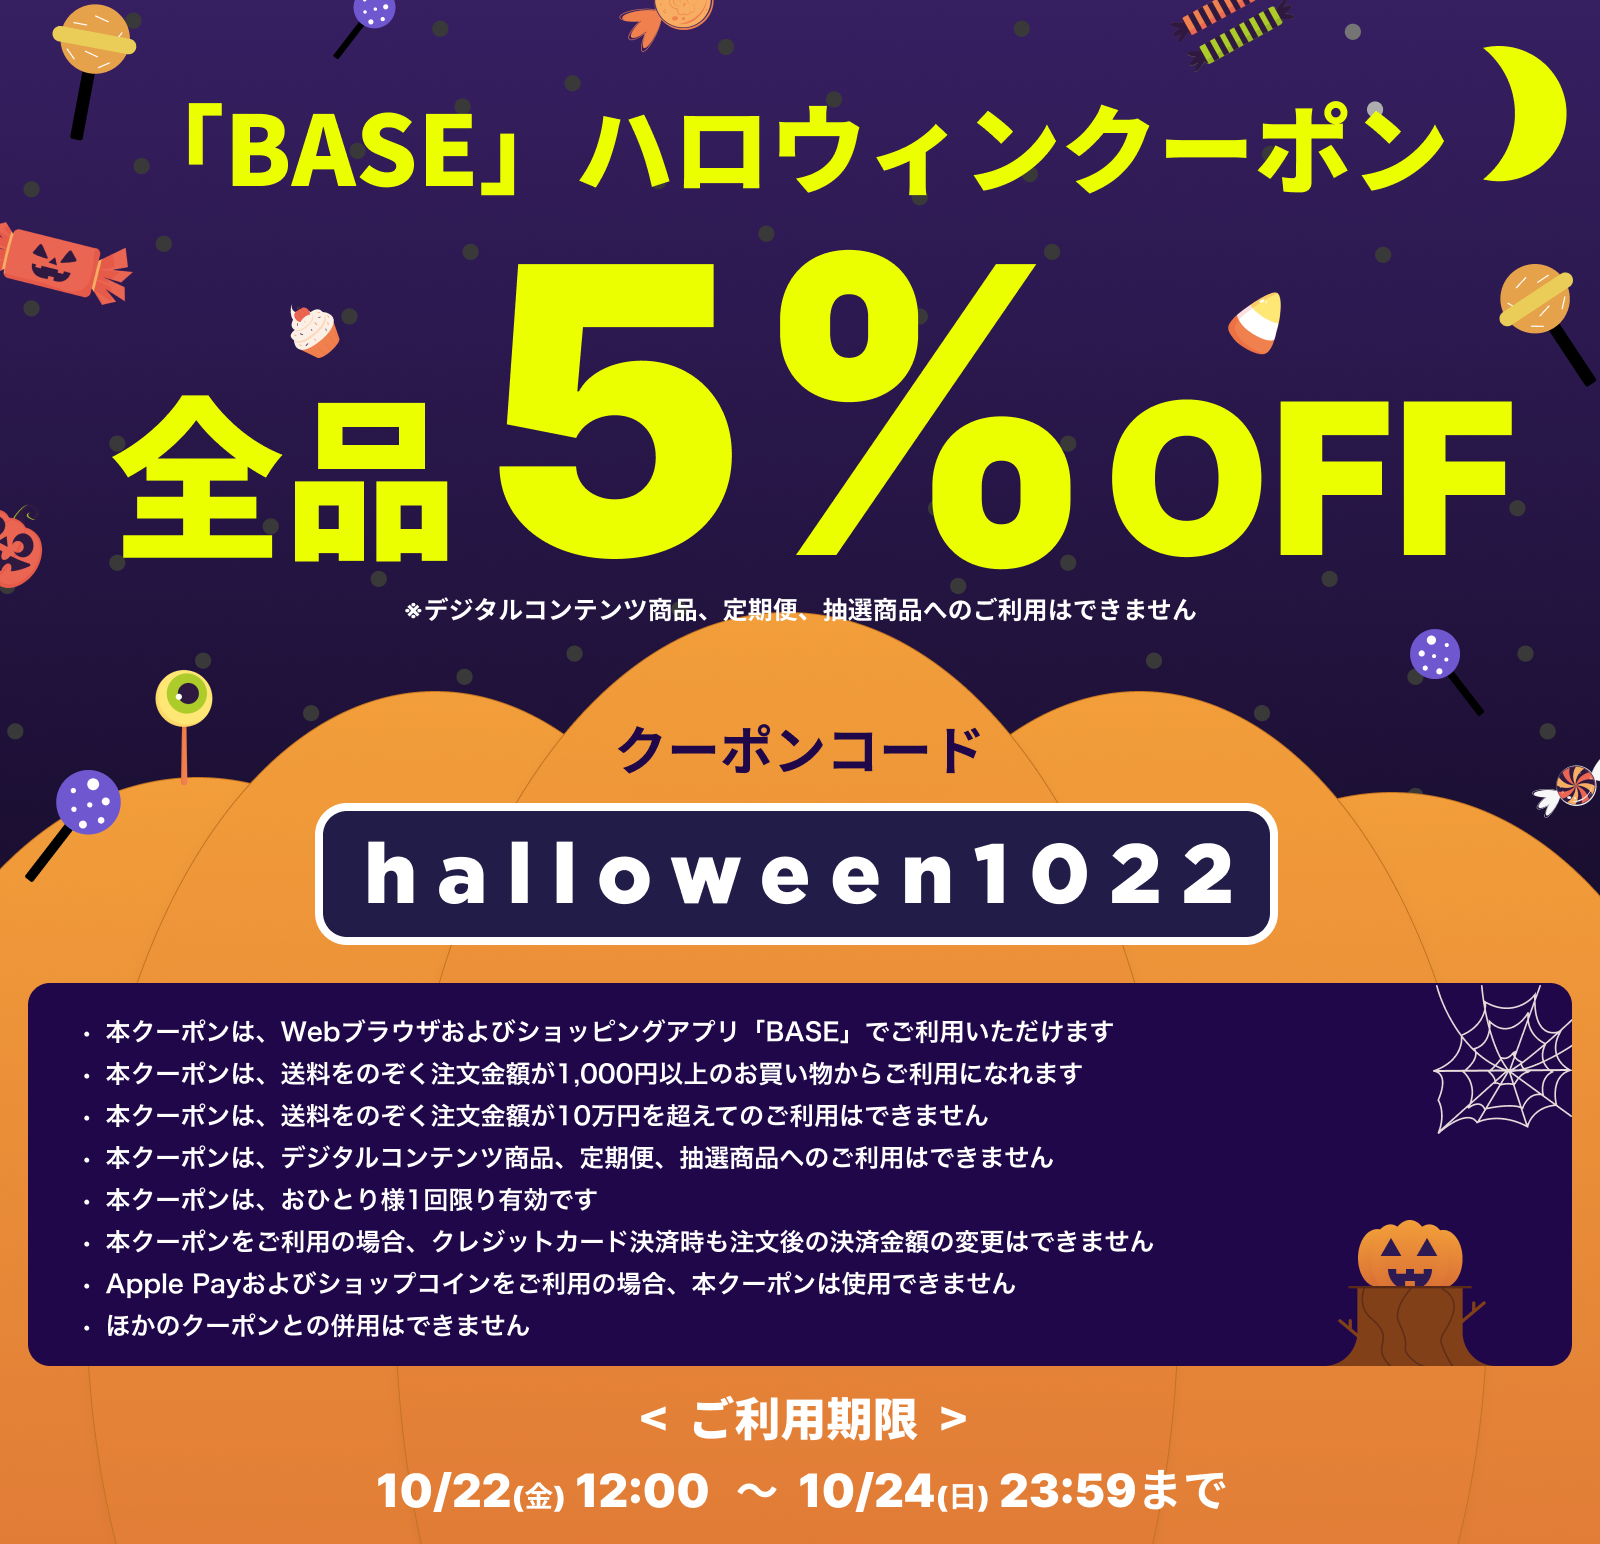 【10/22~10/24 期間限定】 「BASE」5%OFF ハロウィンクーポンキャンペーン